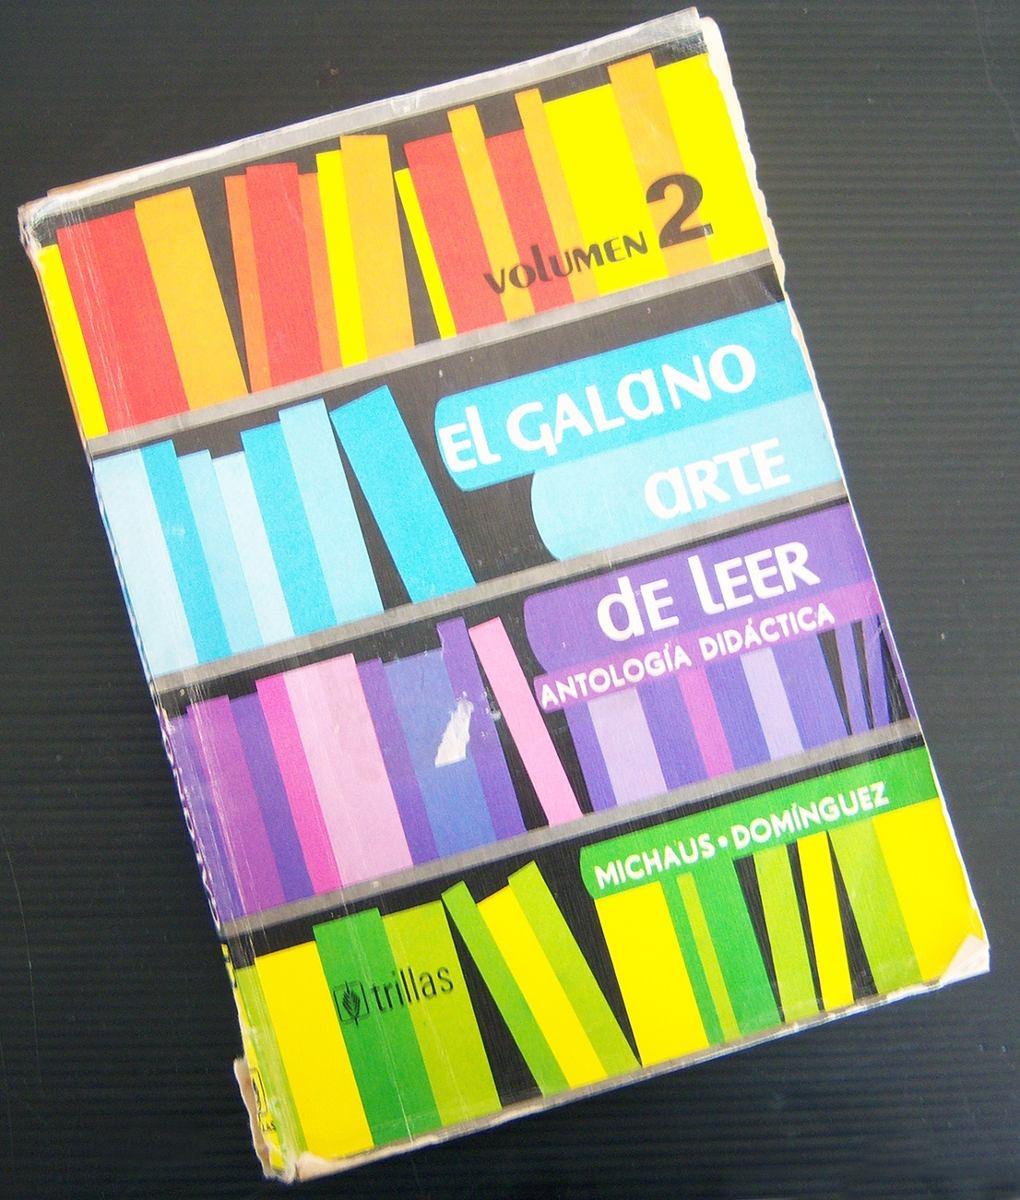 gratis el libro el galano arte de leer